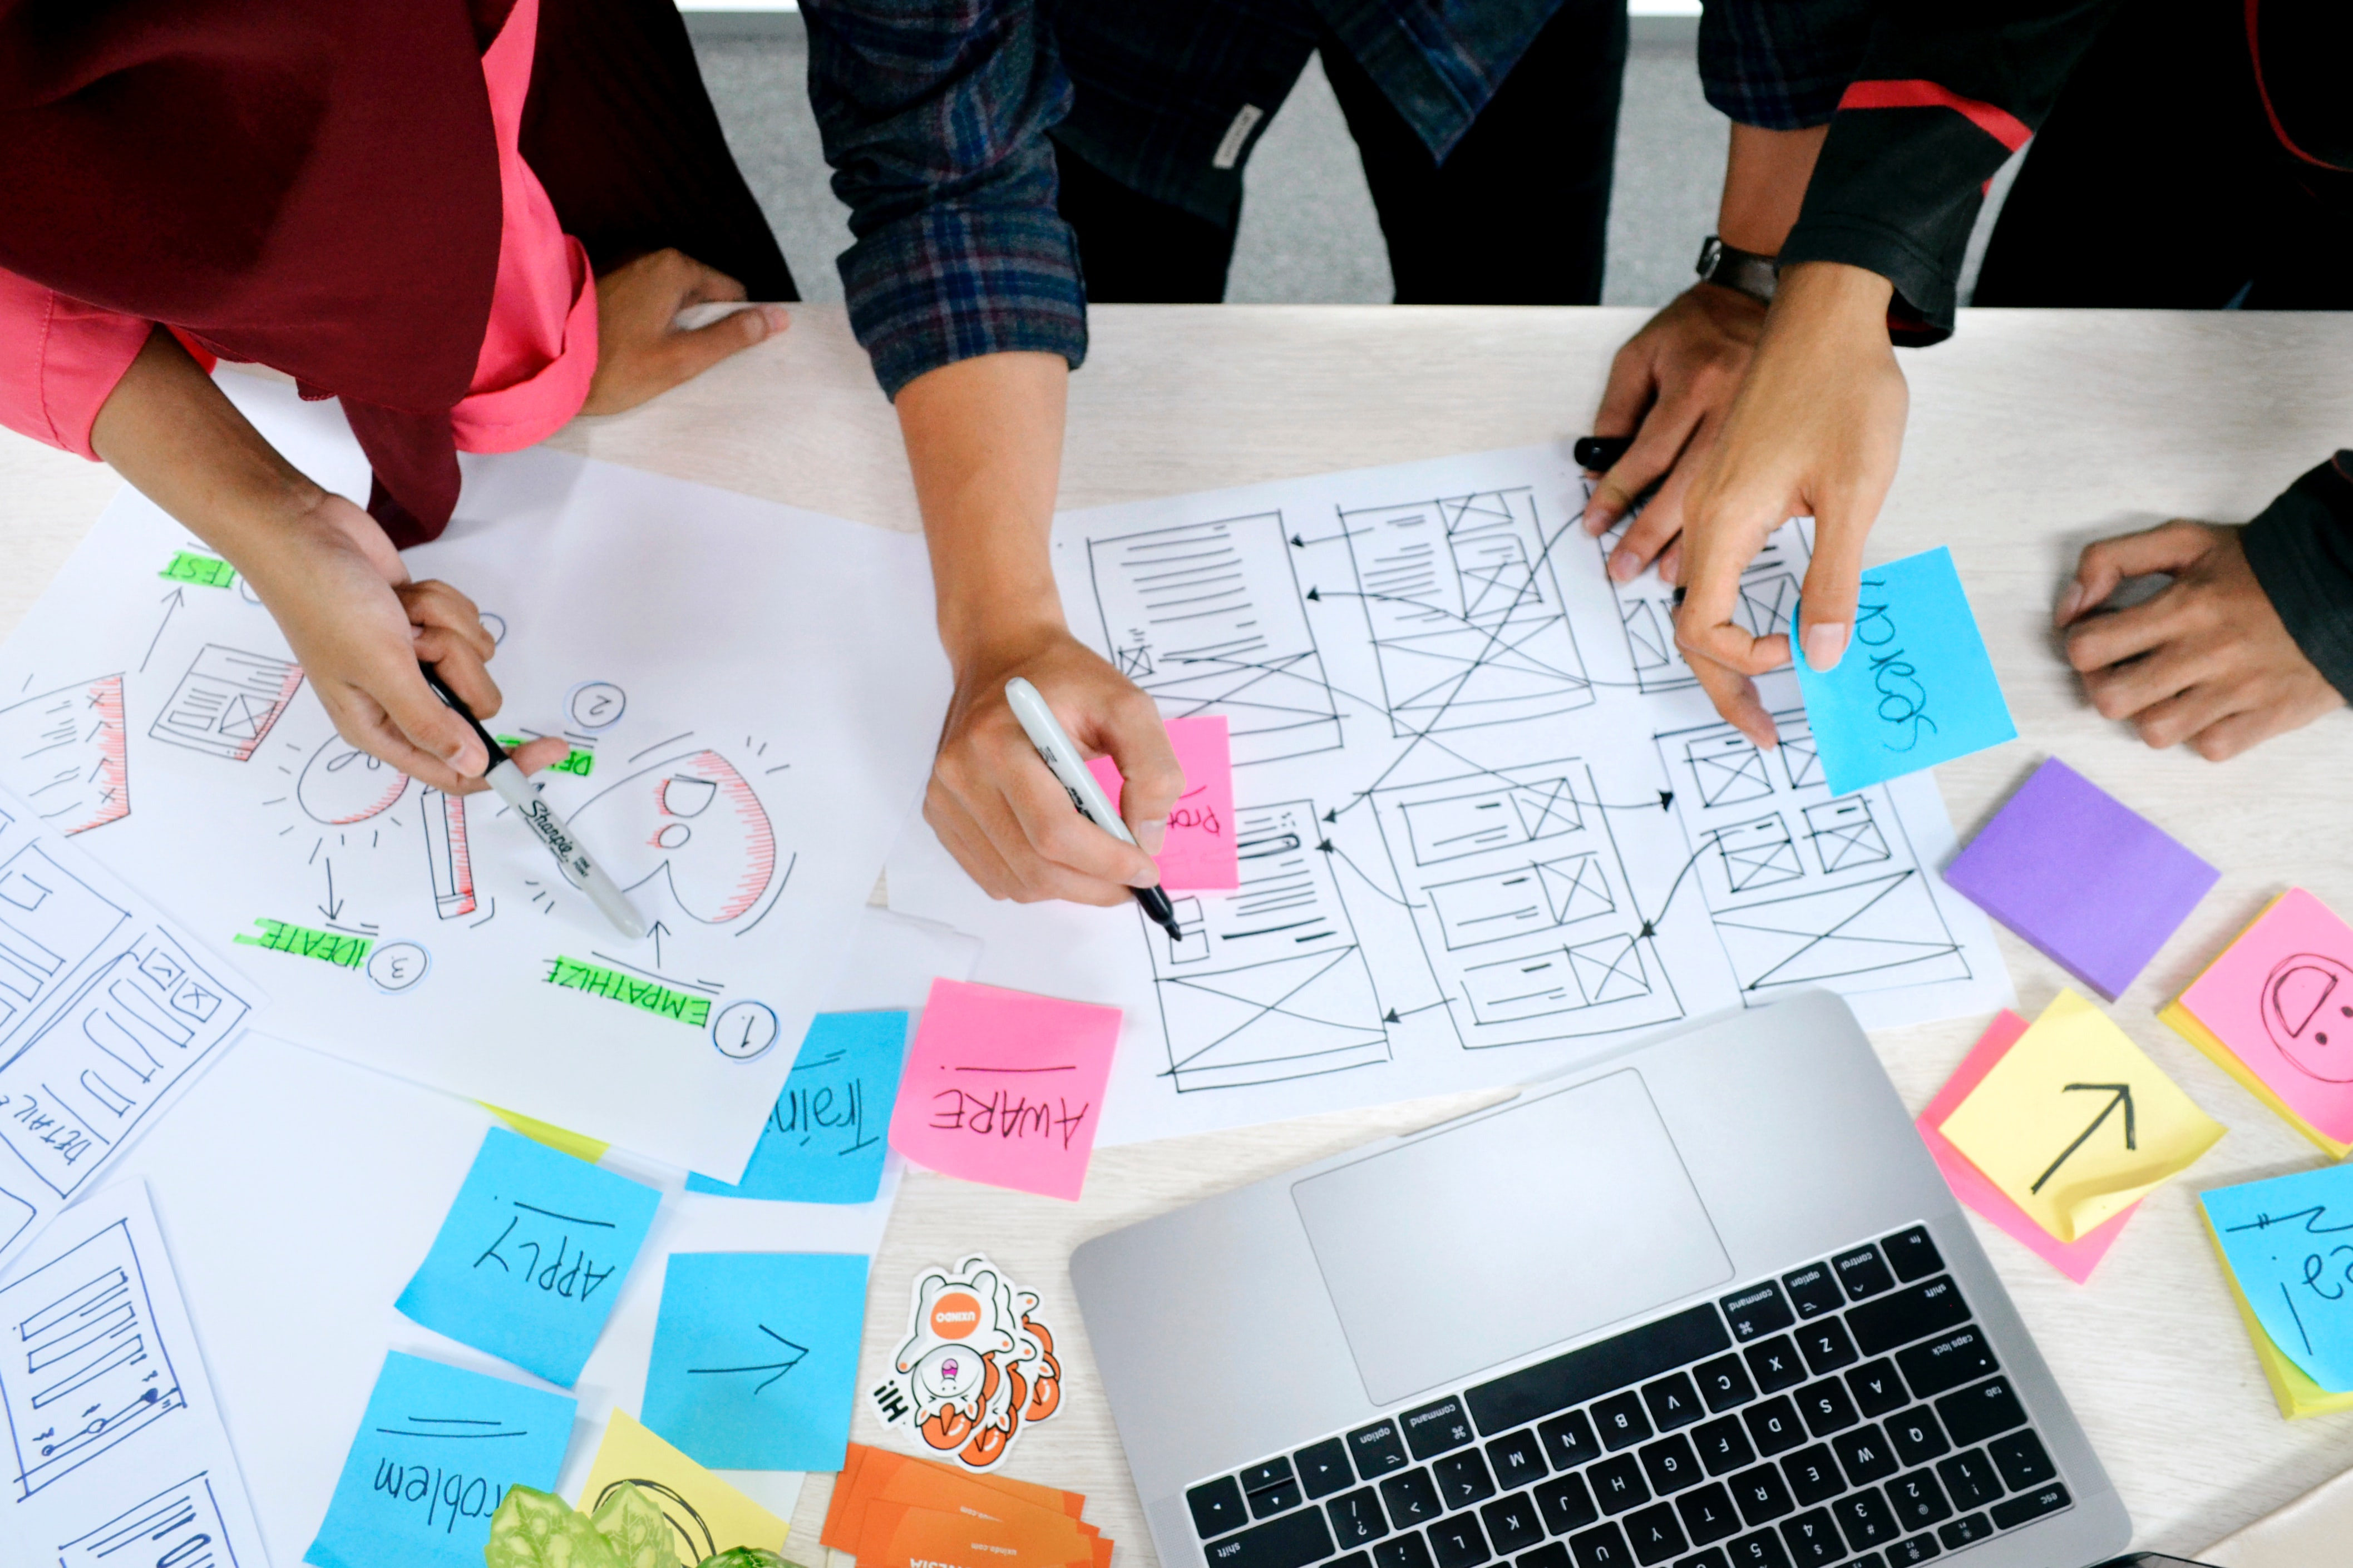 Lo studio di Mapp mostra le sfide più ardue in tema customer experience